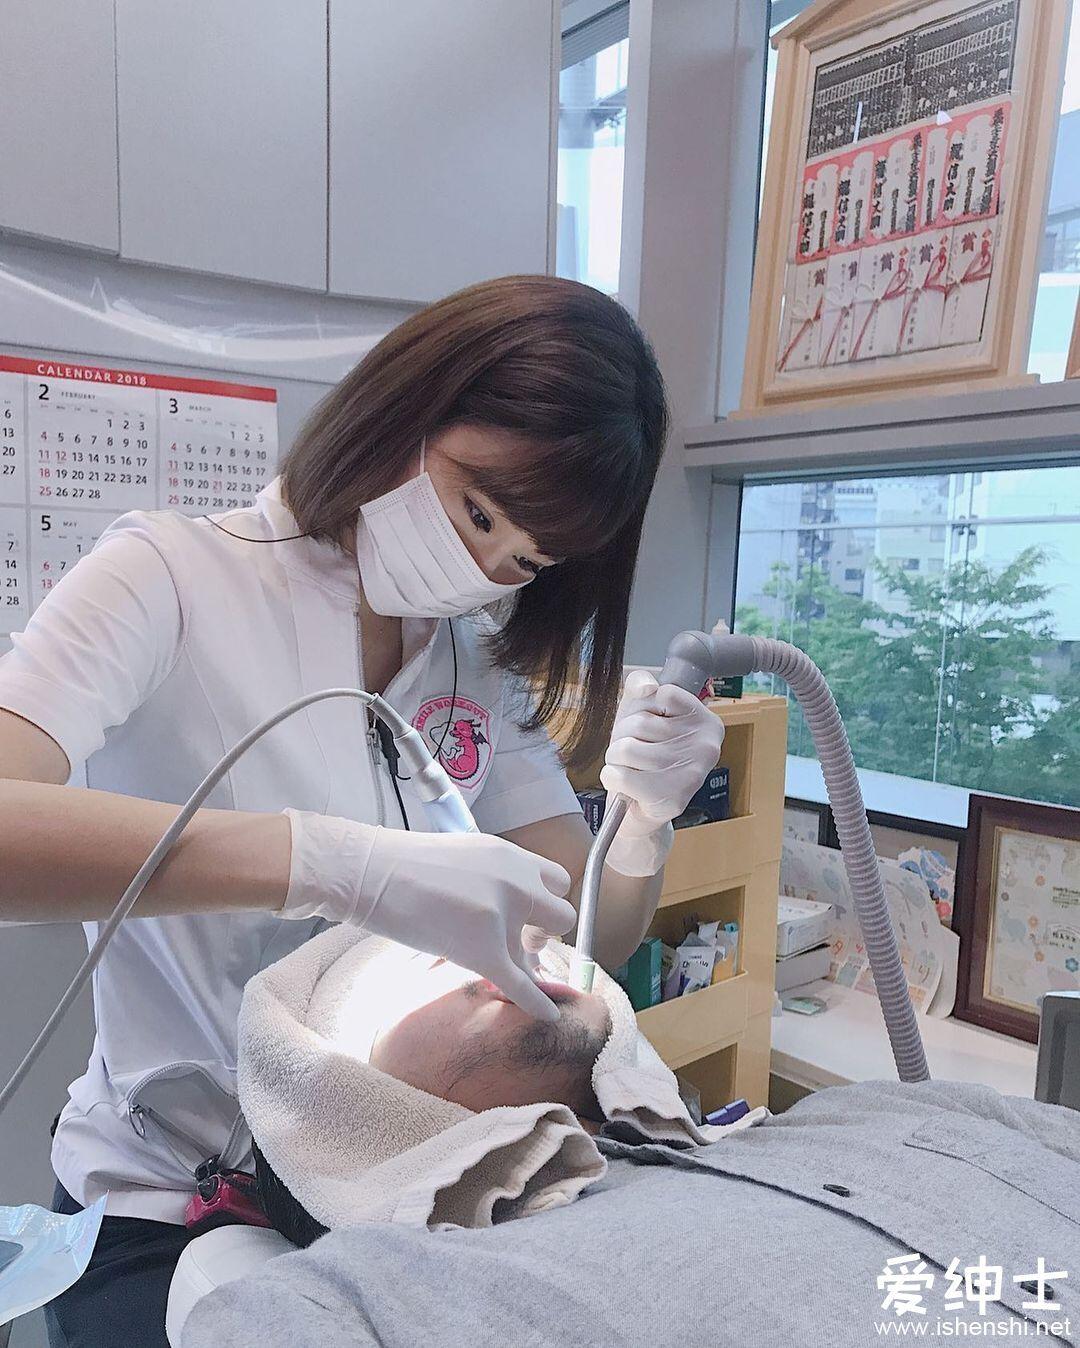 日本最美女牙医「西原爱夏」笑容治愈牙疼,「F罩杯巨乳」比基尼泳装参与写真拍摄!